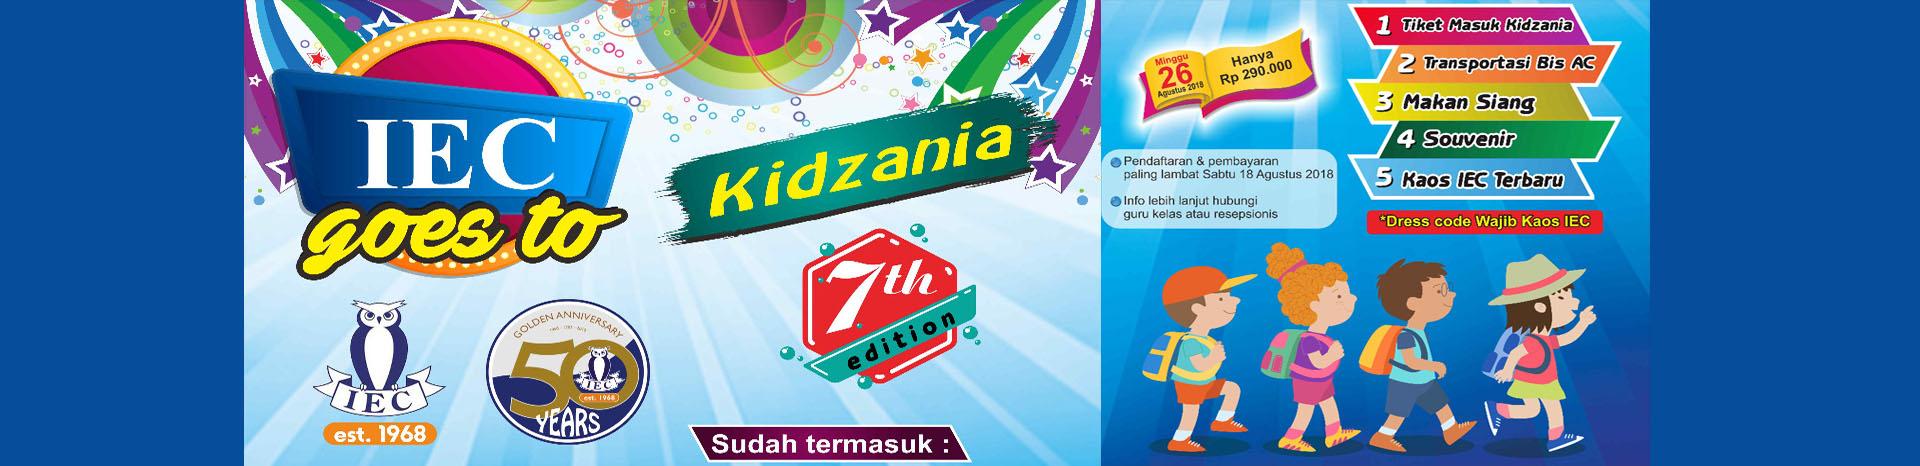 kidzania2